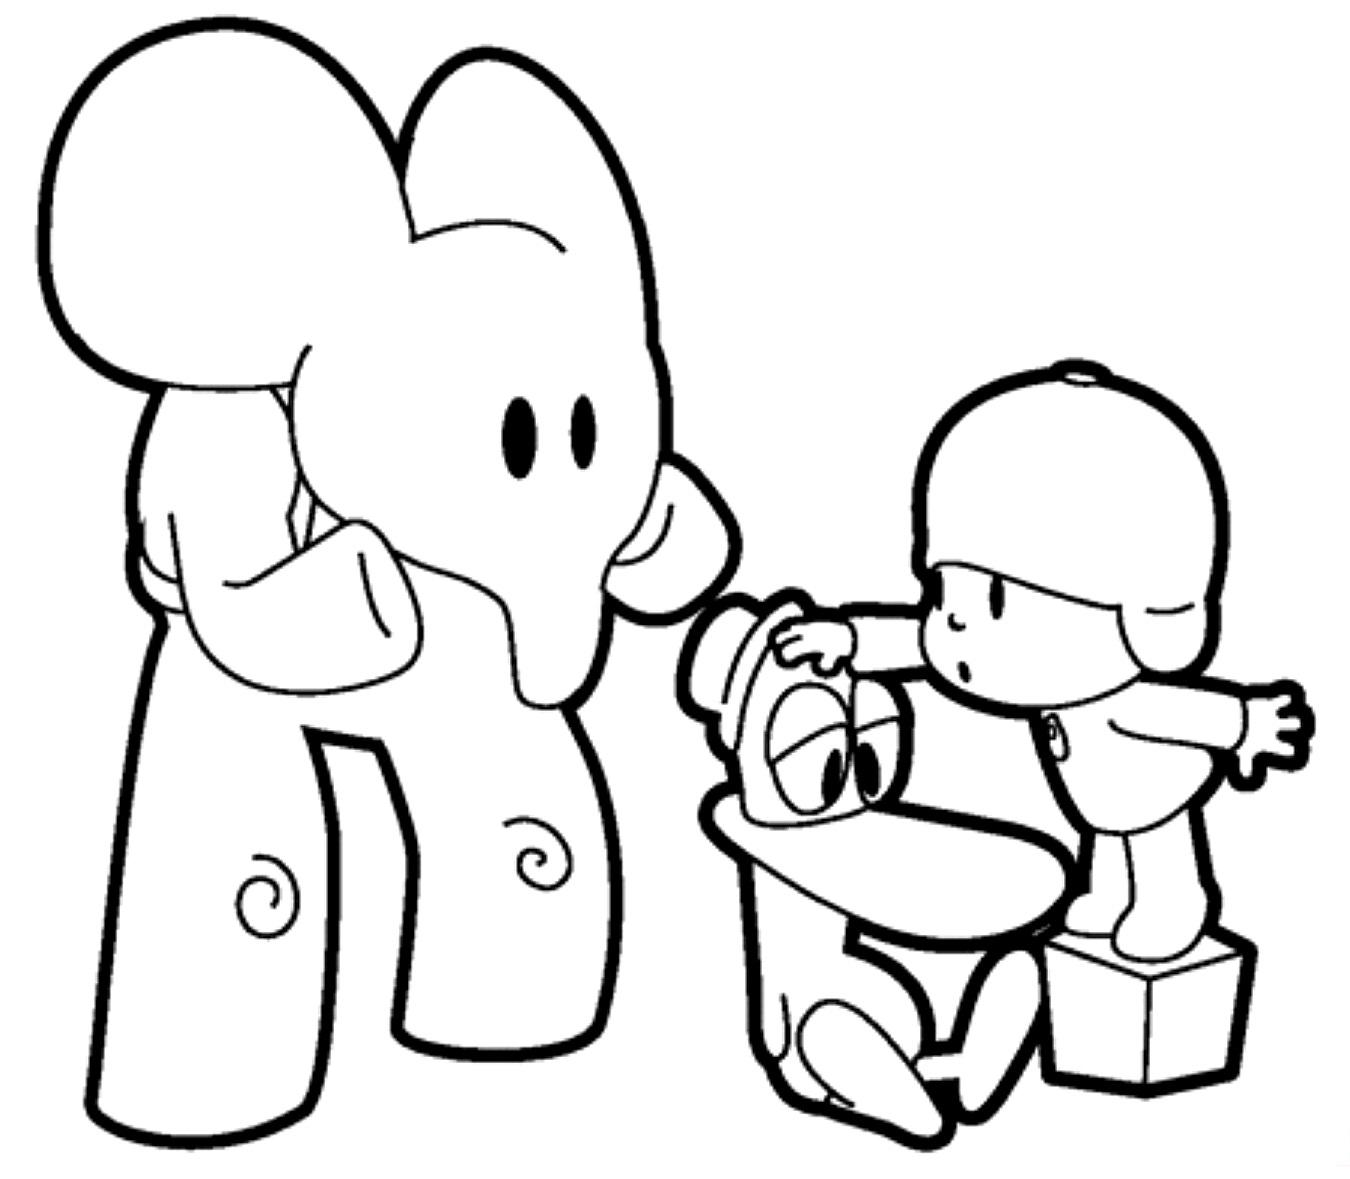 Dibujo Del Elefante Y Pocoyo Para Colorear